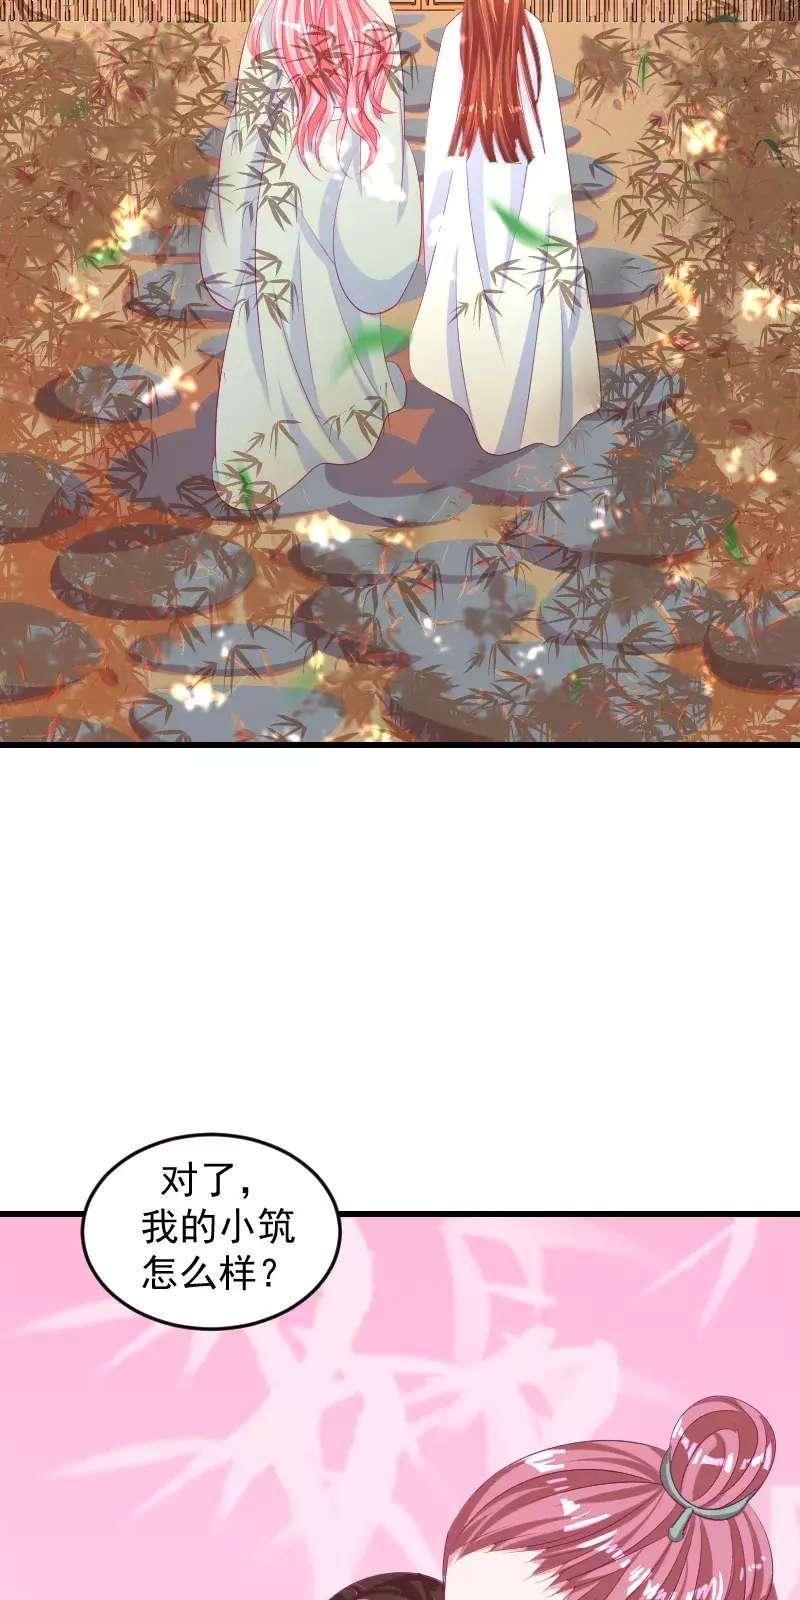 蛇蝎不好惹:弃后也妖娆第77话  第36话下 对你,我从未怀疑 第 6